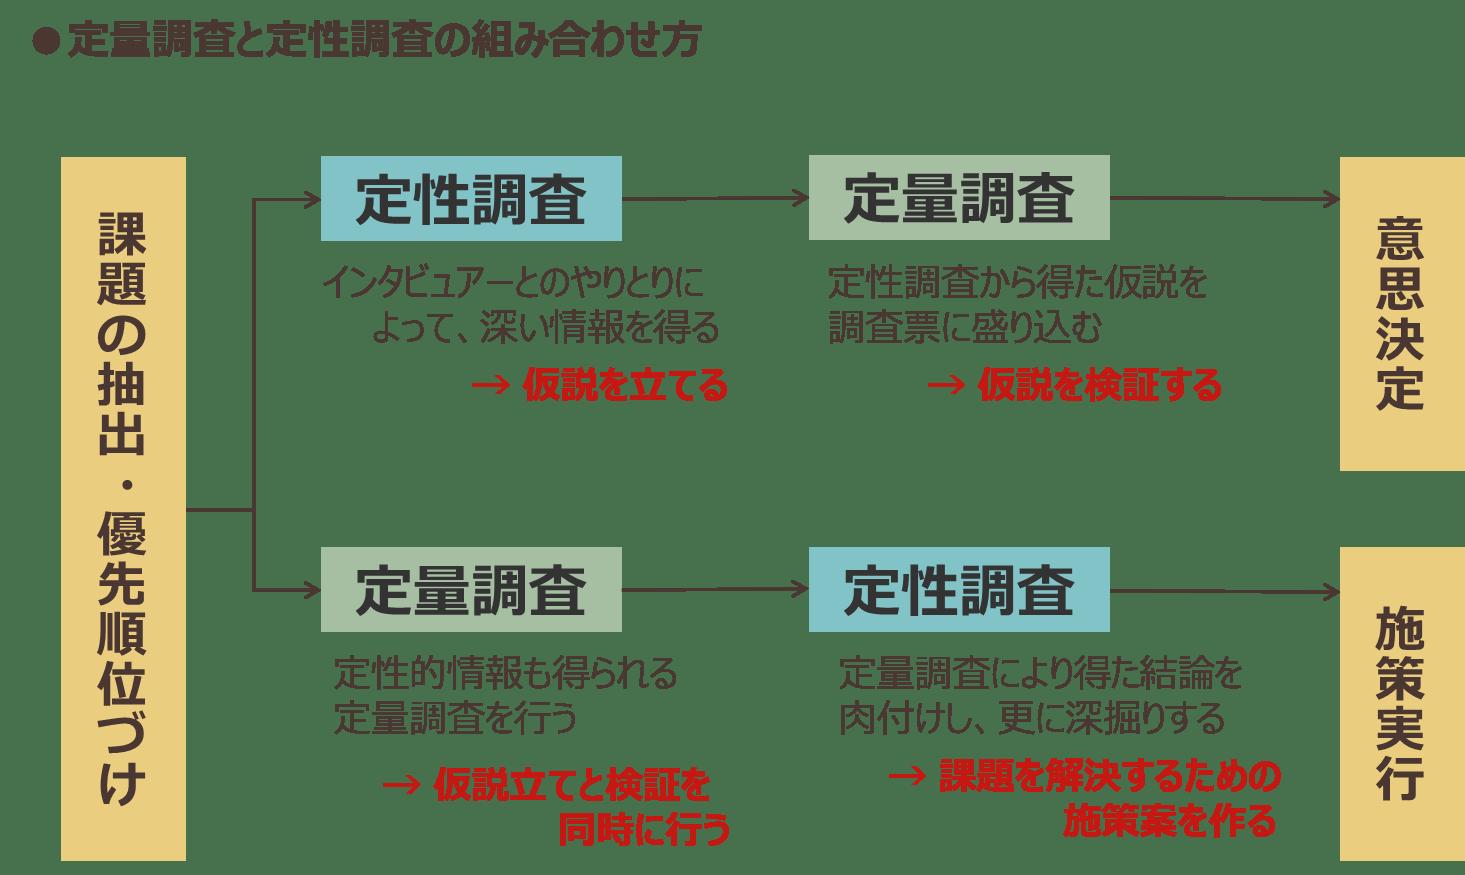 定量調査と定性調査の組み合わせ方